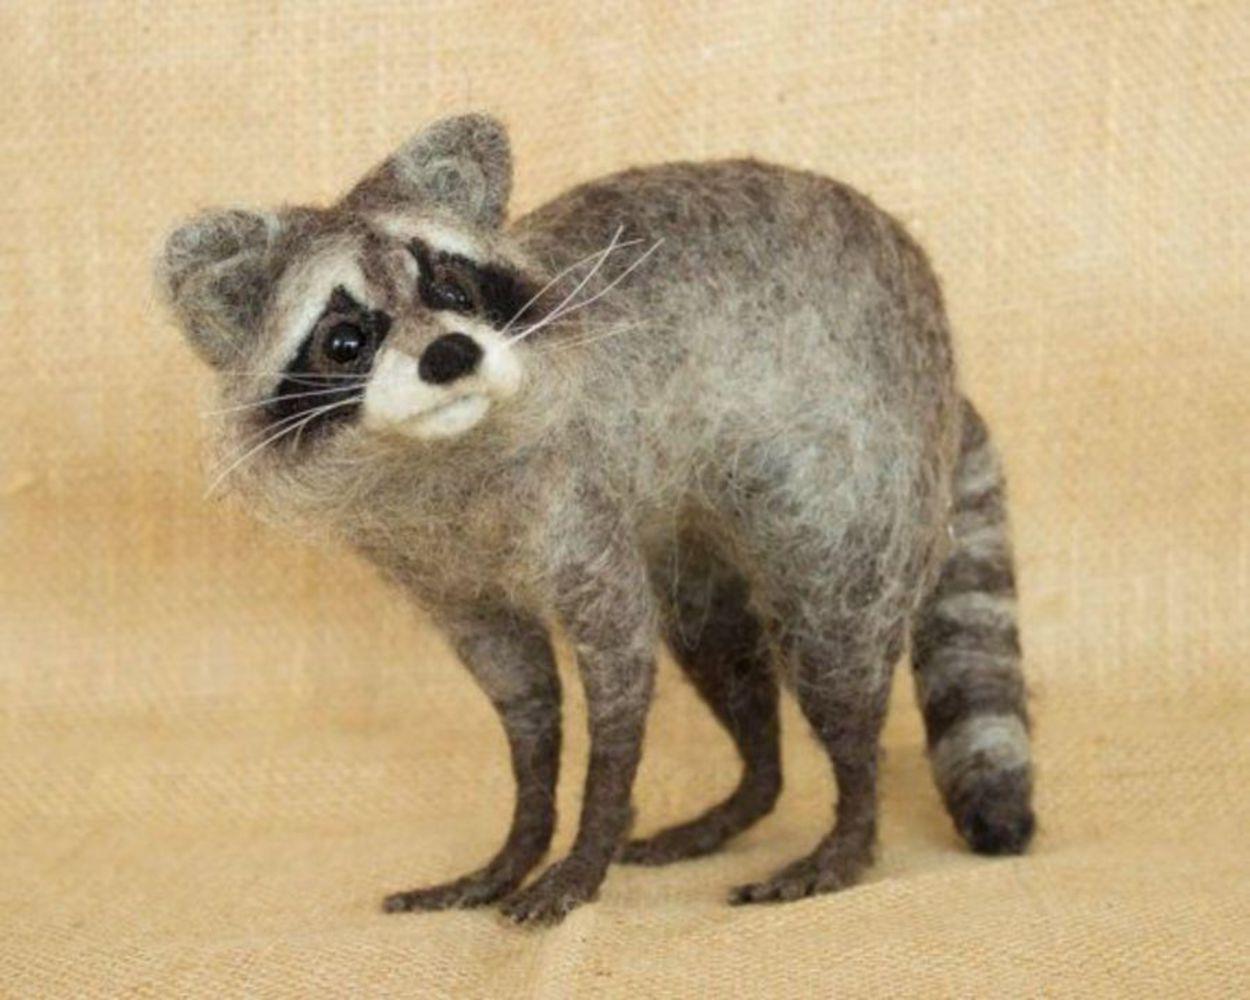 Raccoon example.thumb